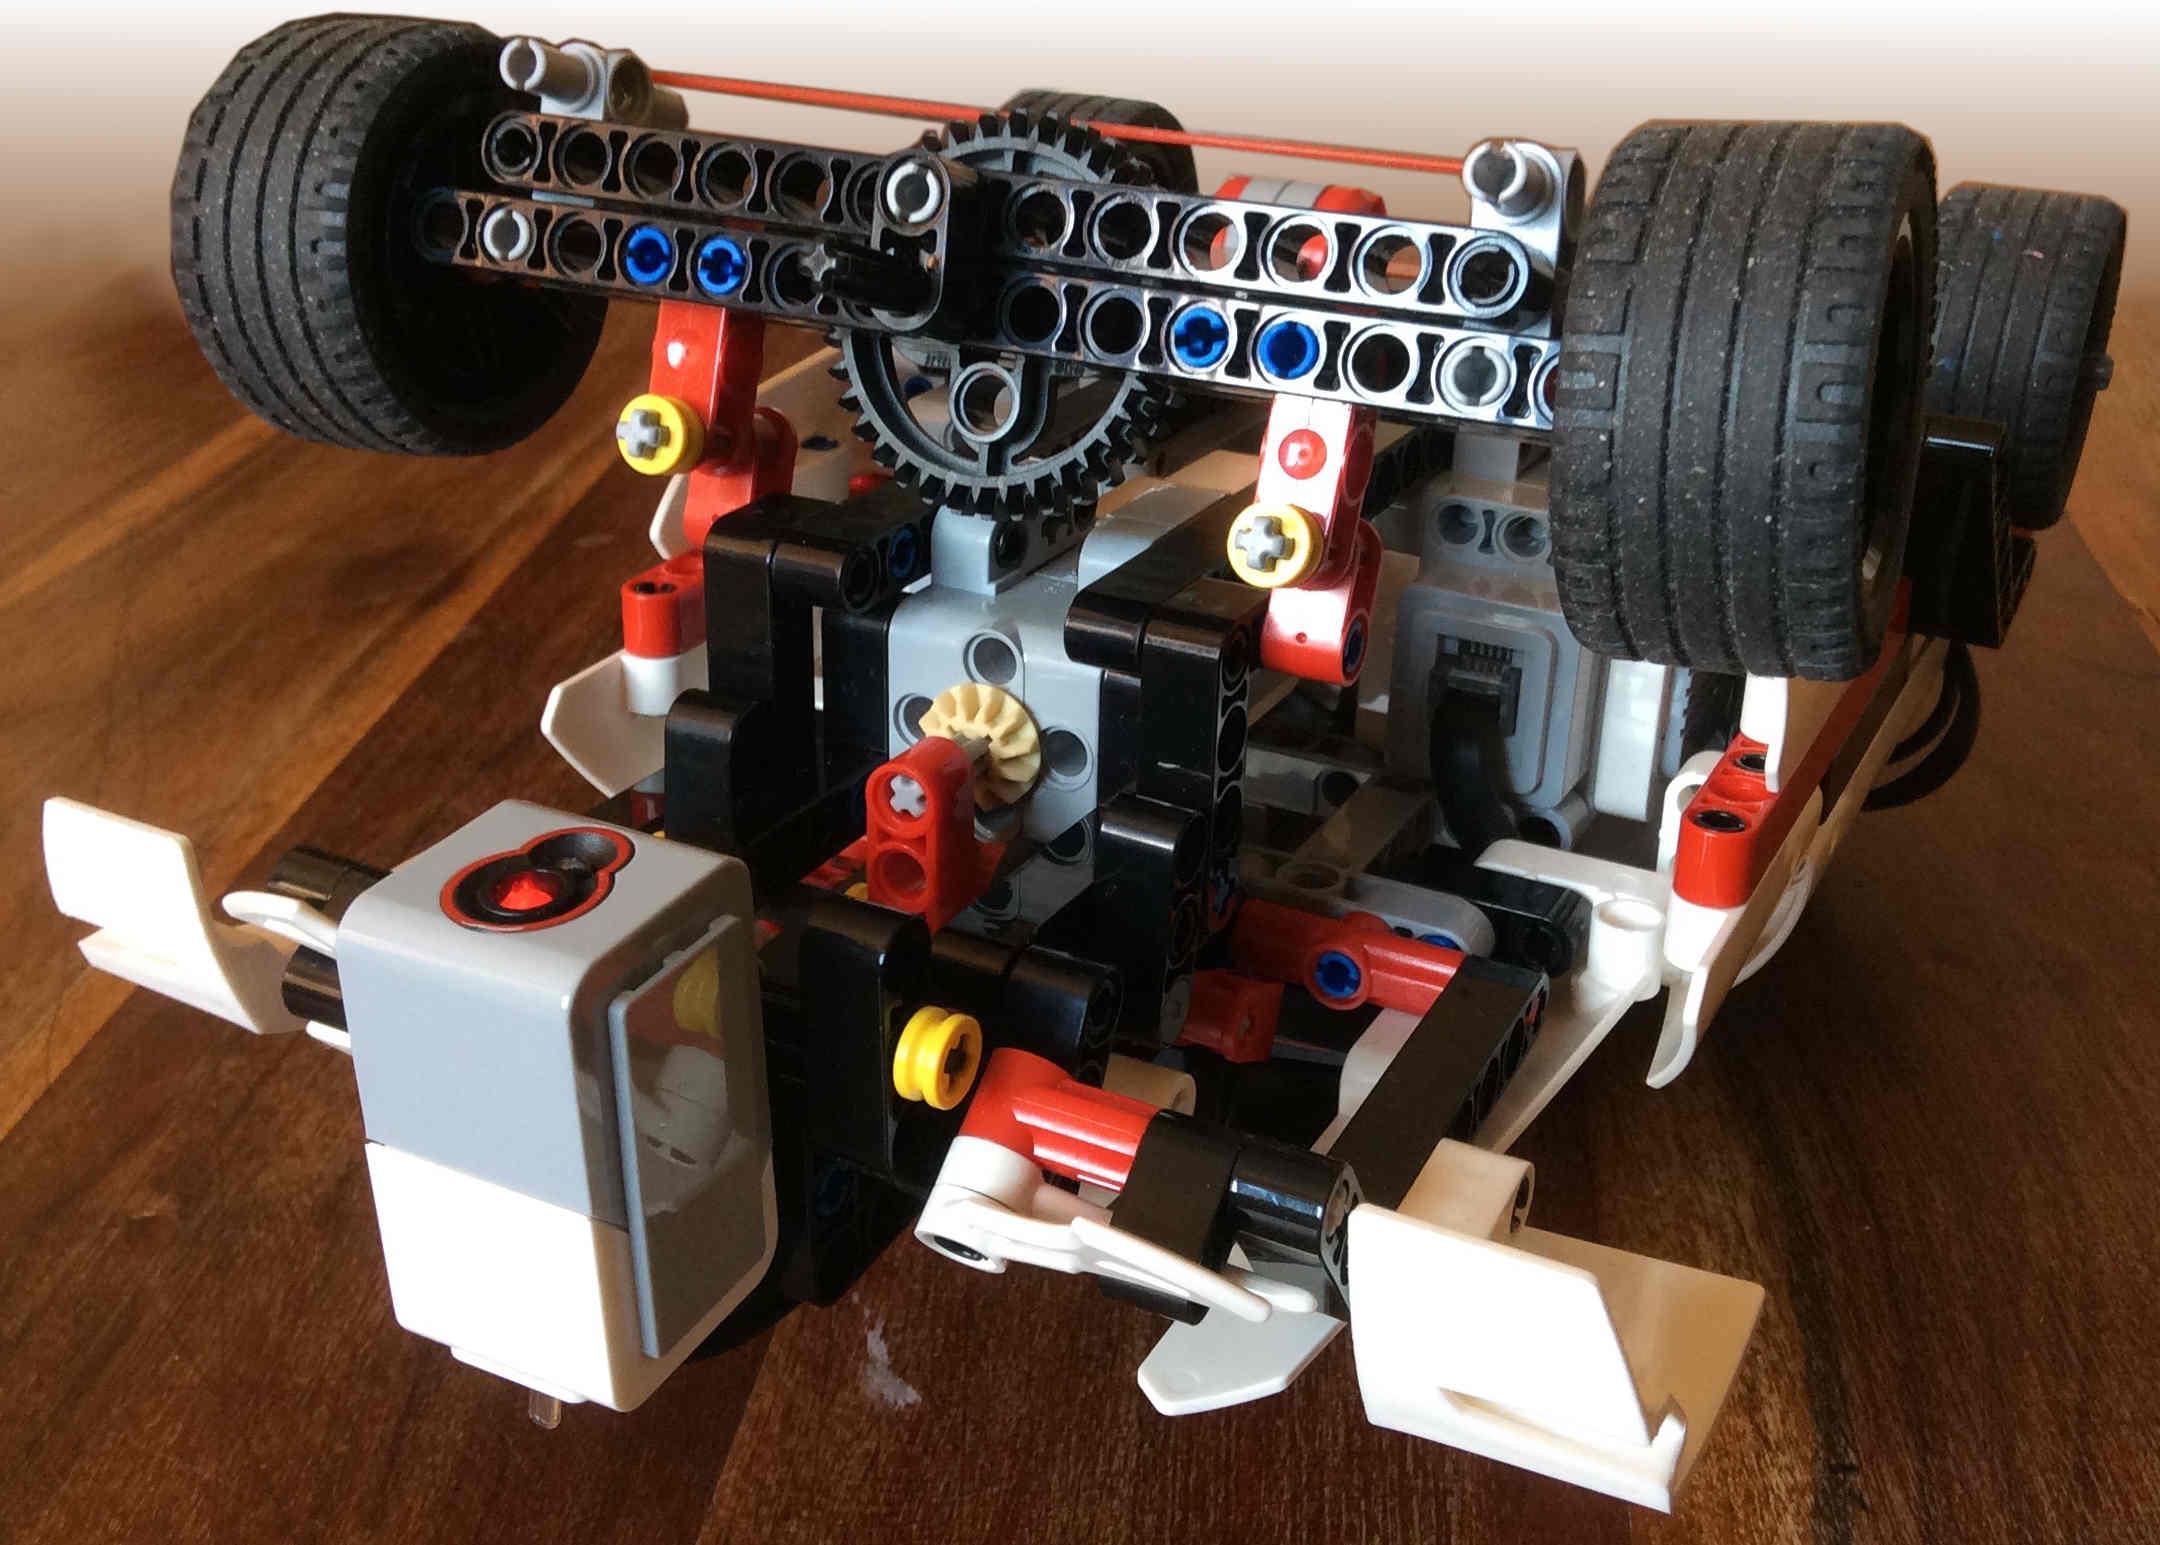 Lego Mindstorms Ev3 Sup3r Car Model - Smallrobots.it